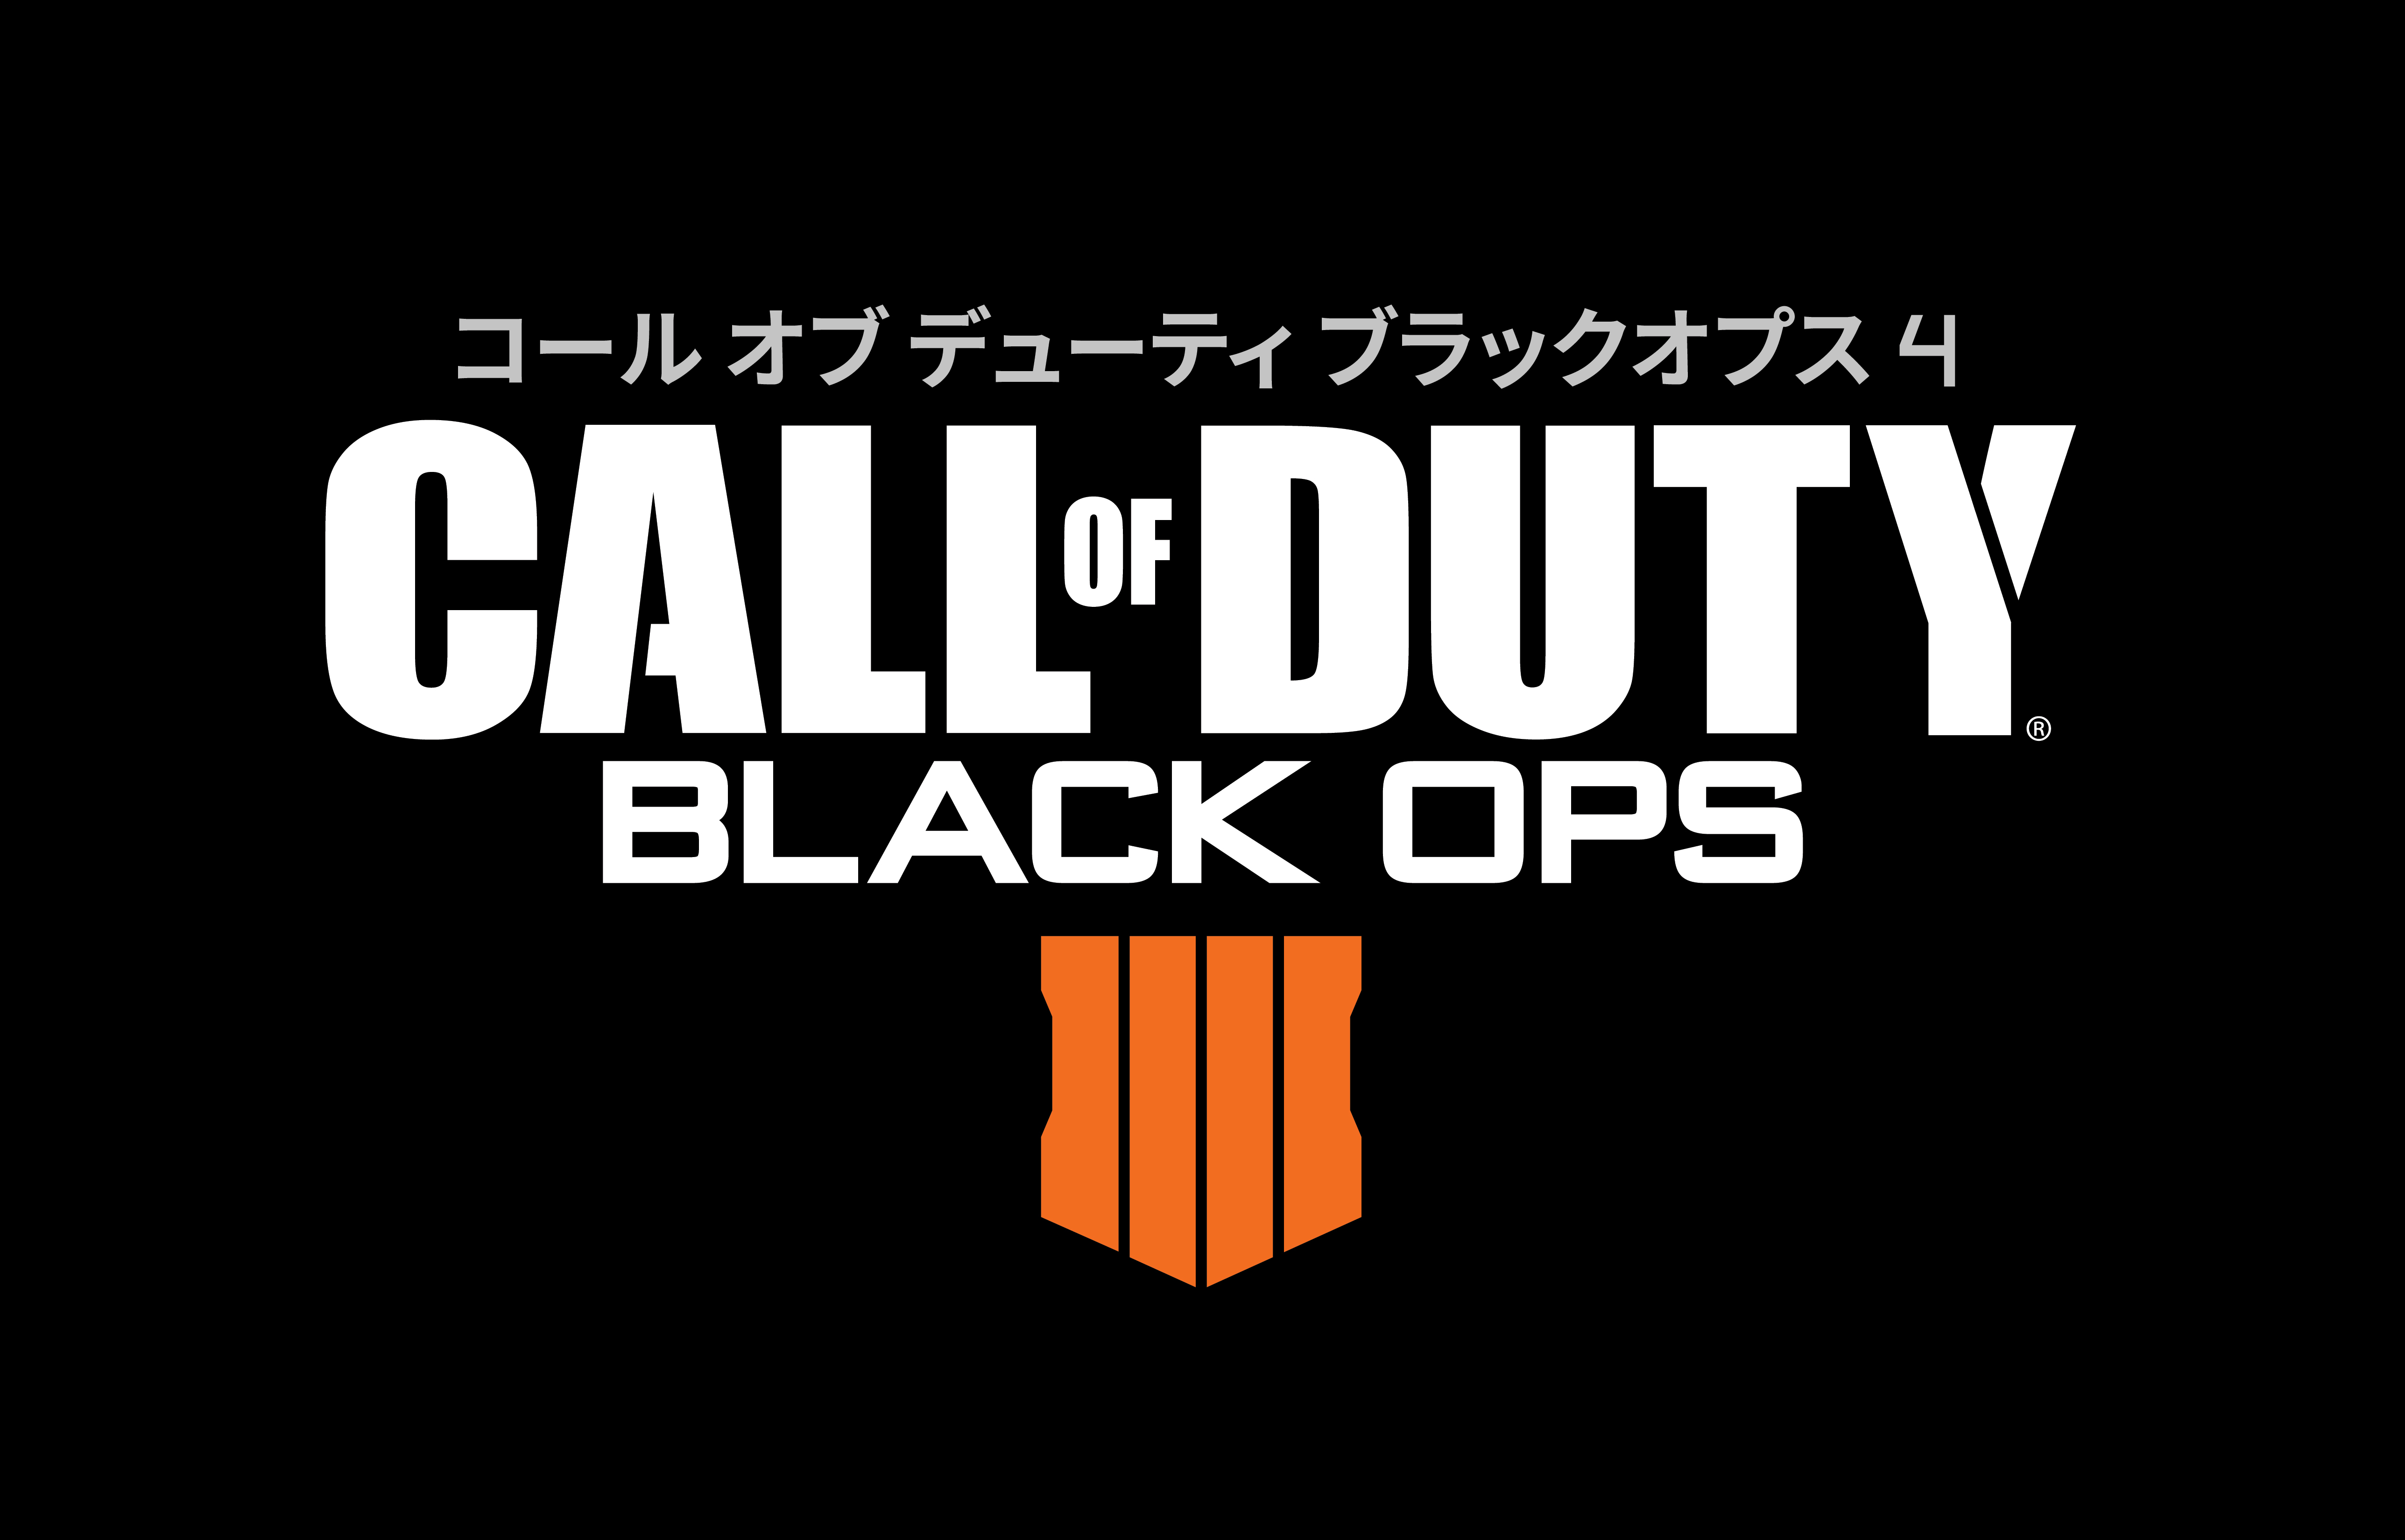 『コールオブデューティブラックオプス4』ロゴ